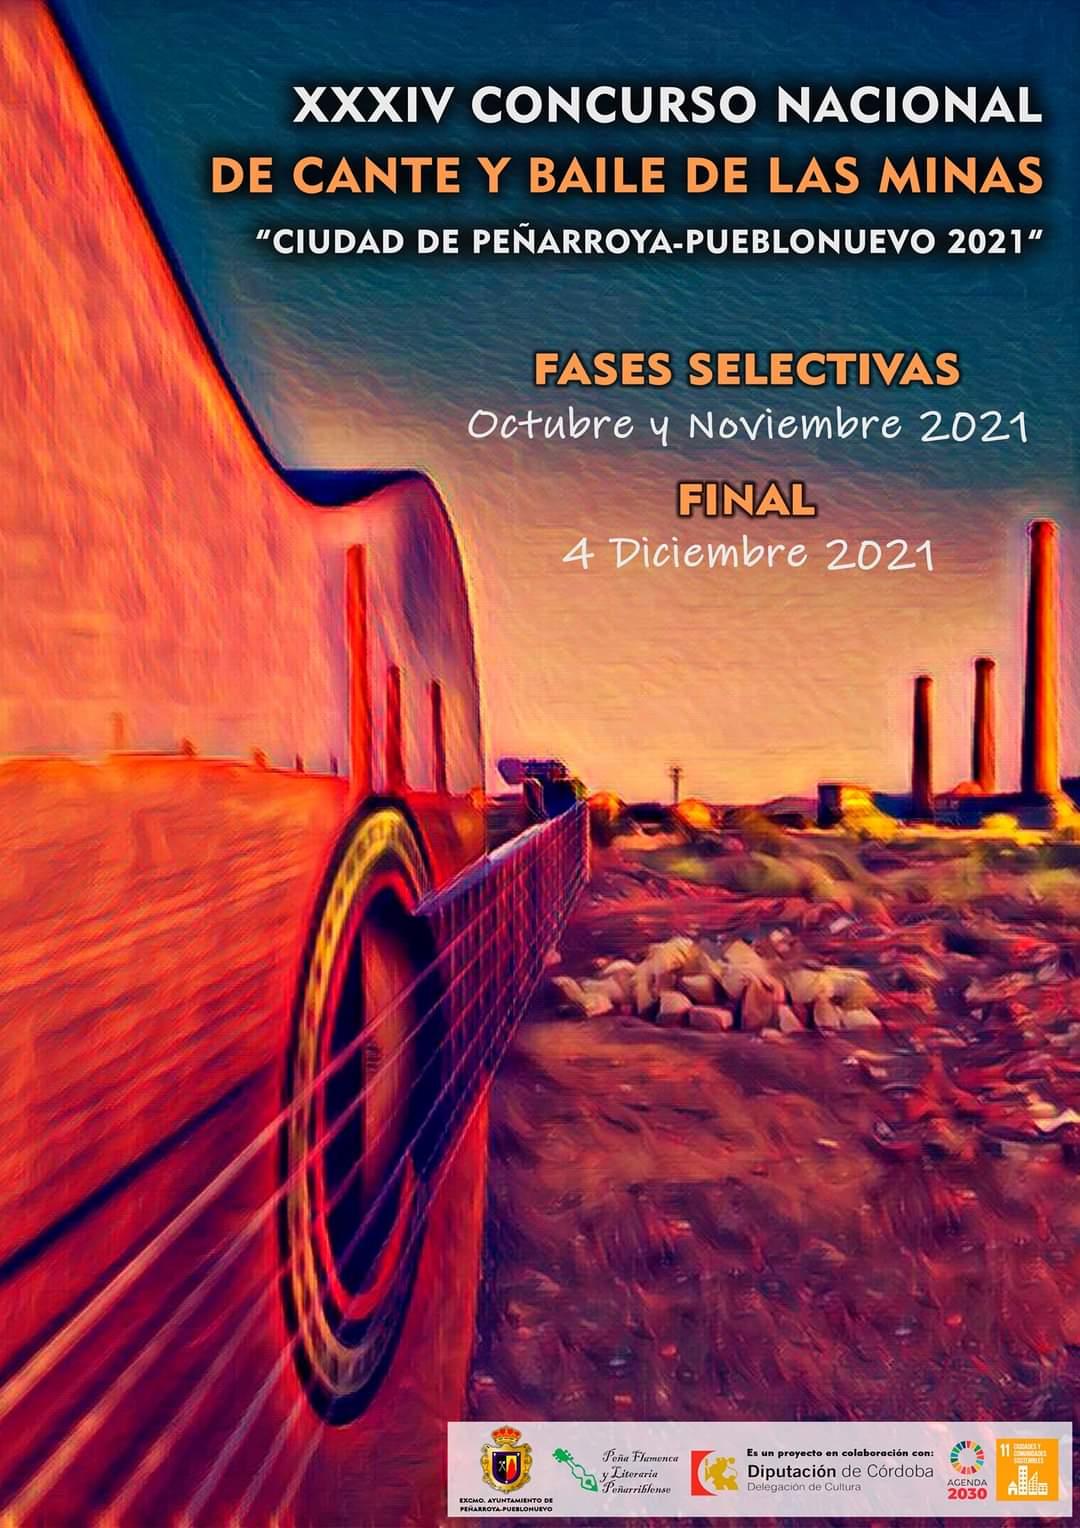 CONCURSO XXXIV CANTE Y BAILE DE LAS MINAS CIUDAD DE PEÑARROYA-PUEBLONUEVO 2021